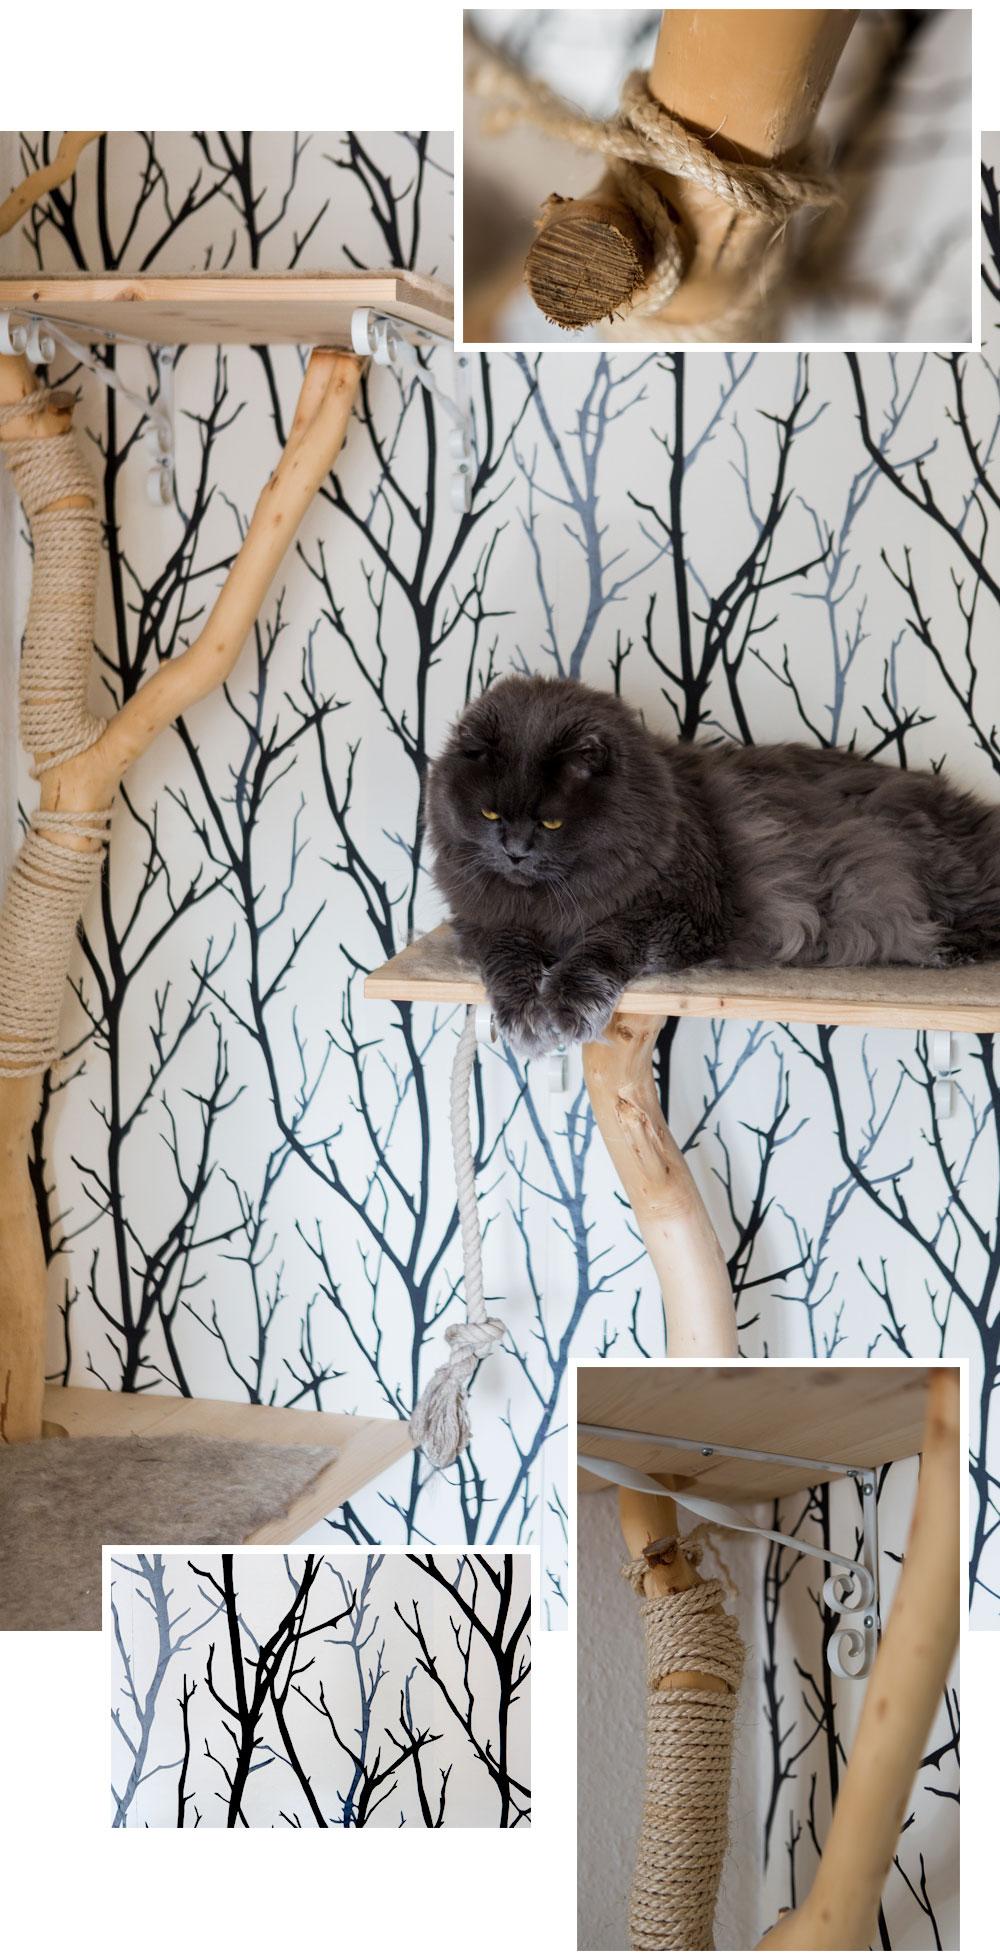 Wohnen Mit Katzen Kratzbaume Katzenmobel Und Katzenallergie